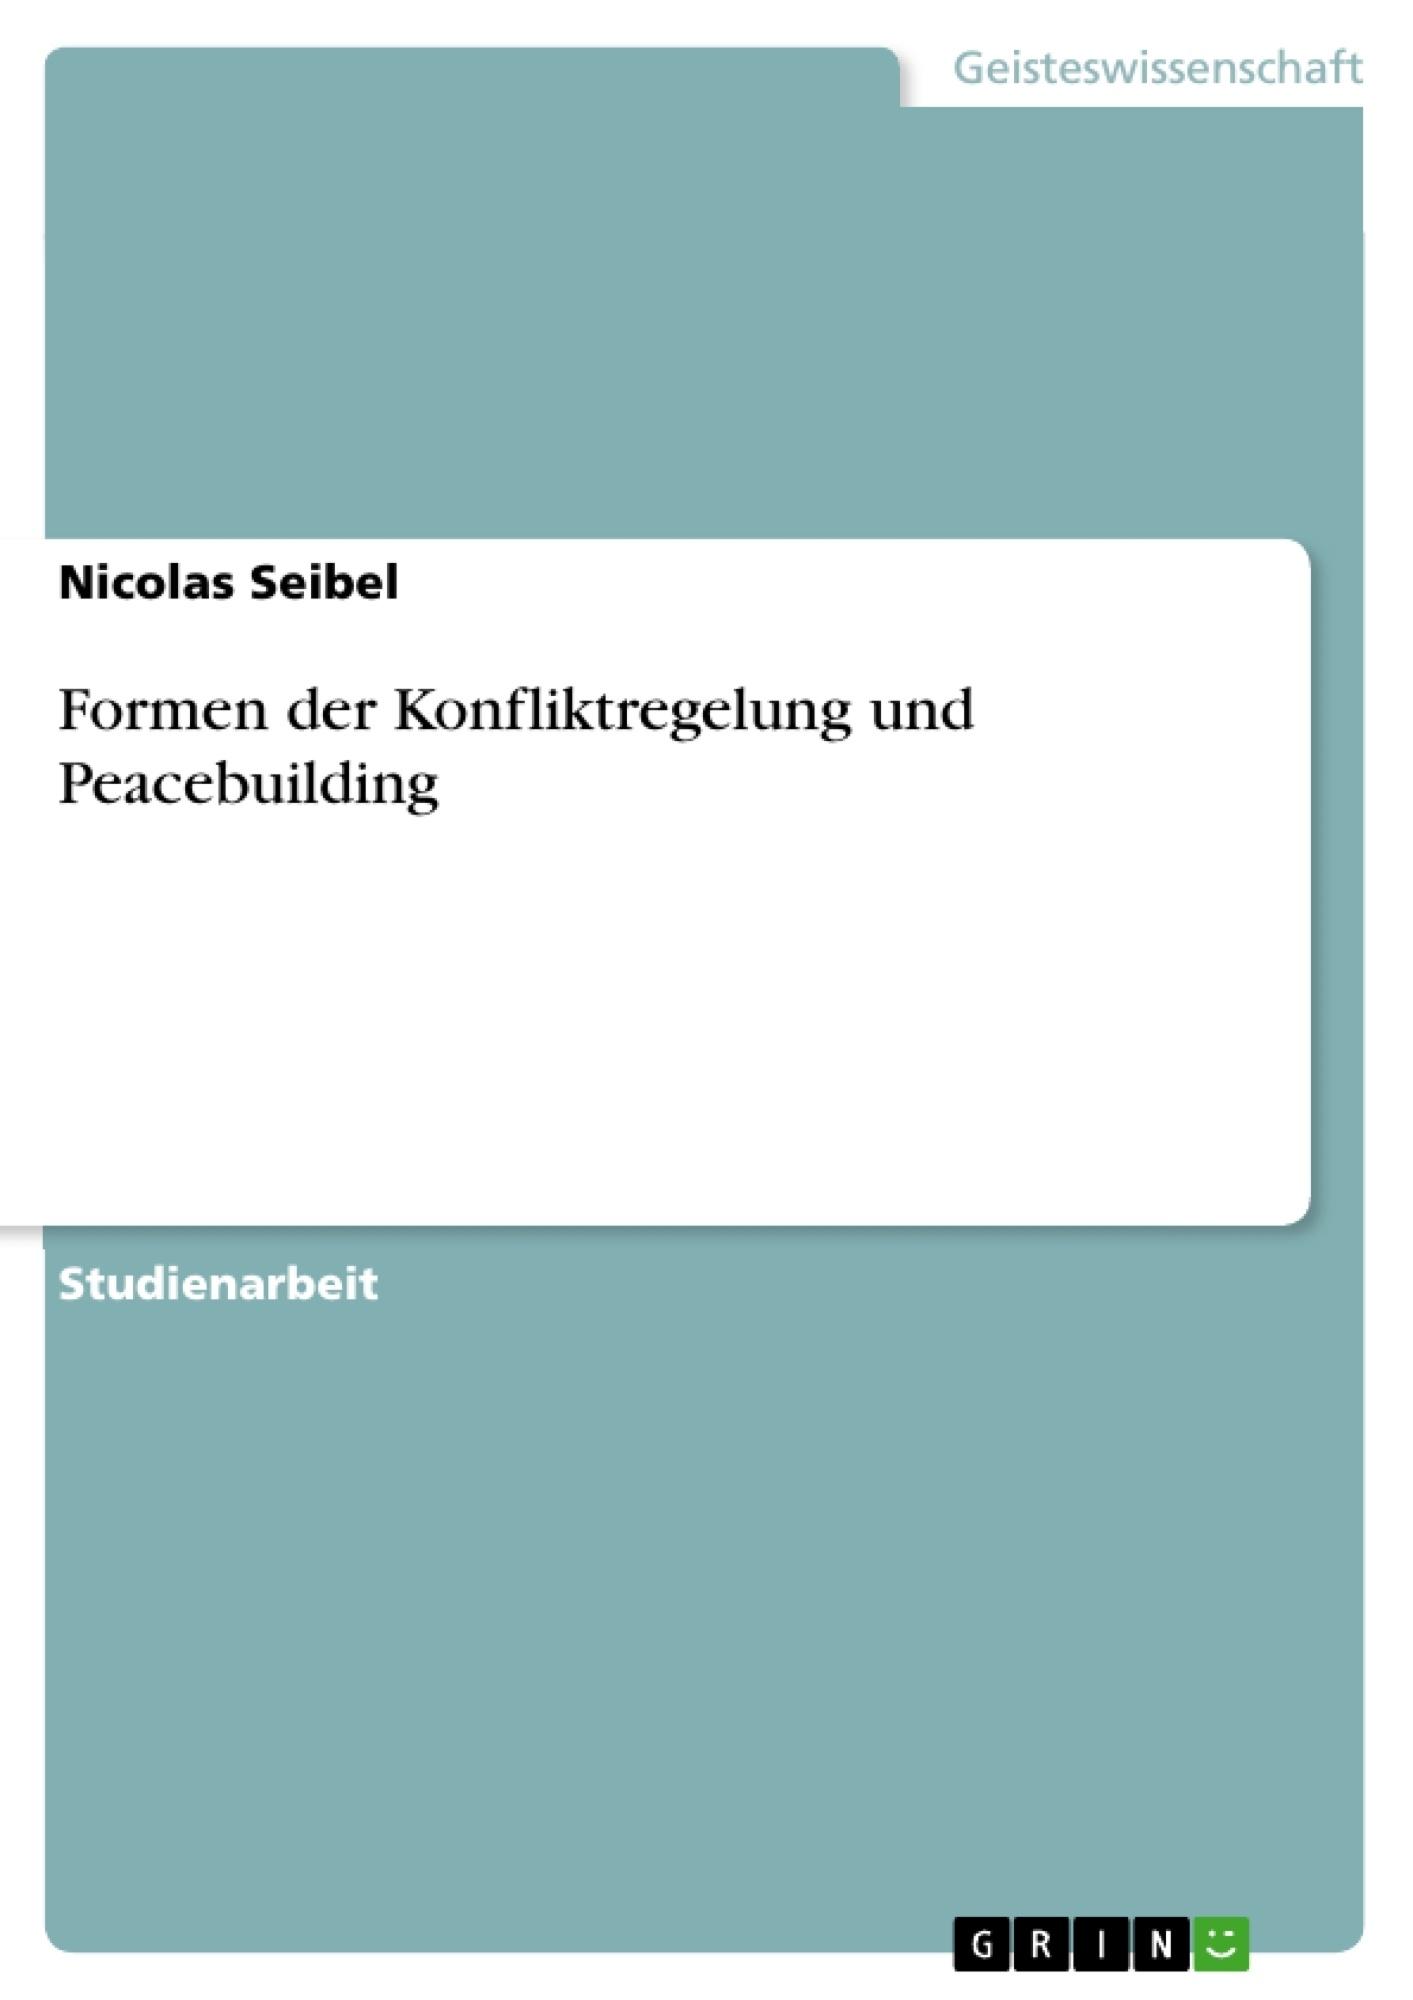 Titel: Formen der Konfliktregelung und Peacebuilding